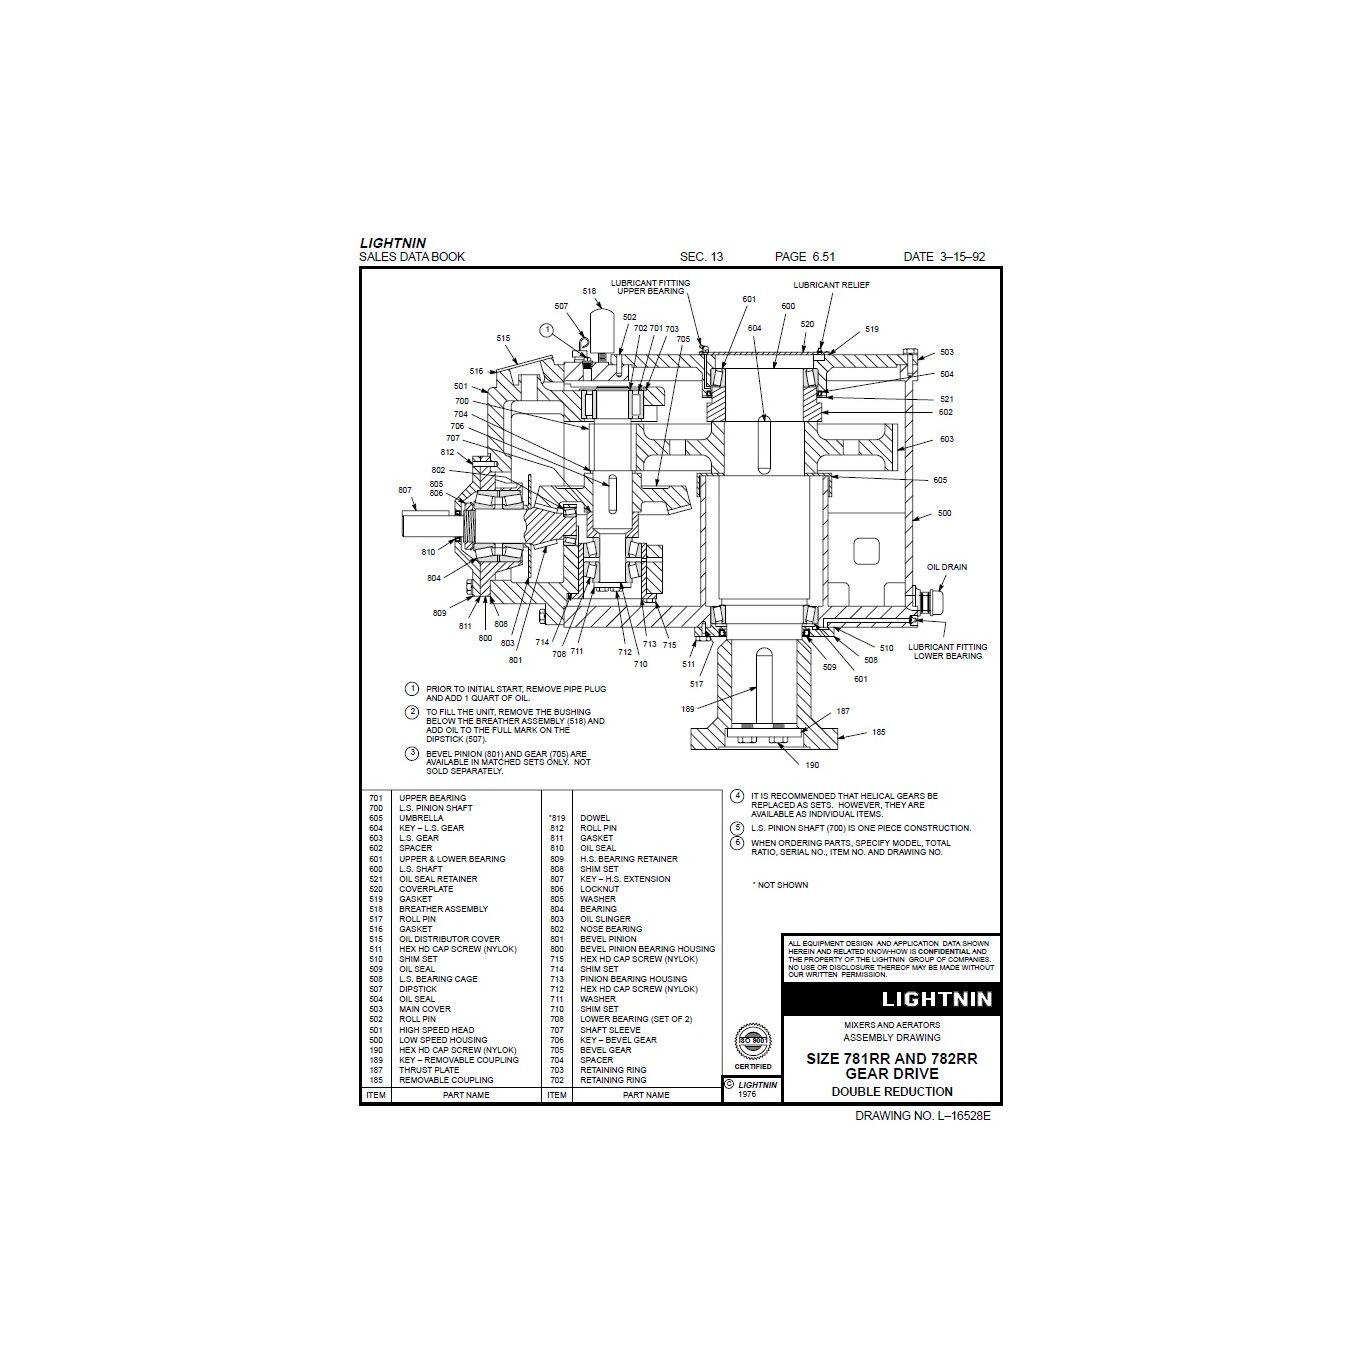 Used 75 HP Lightnin Mixer Agitator Drive Model LAT-150